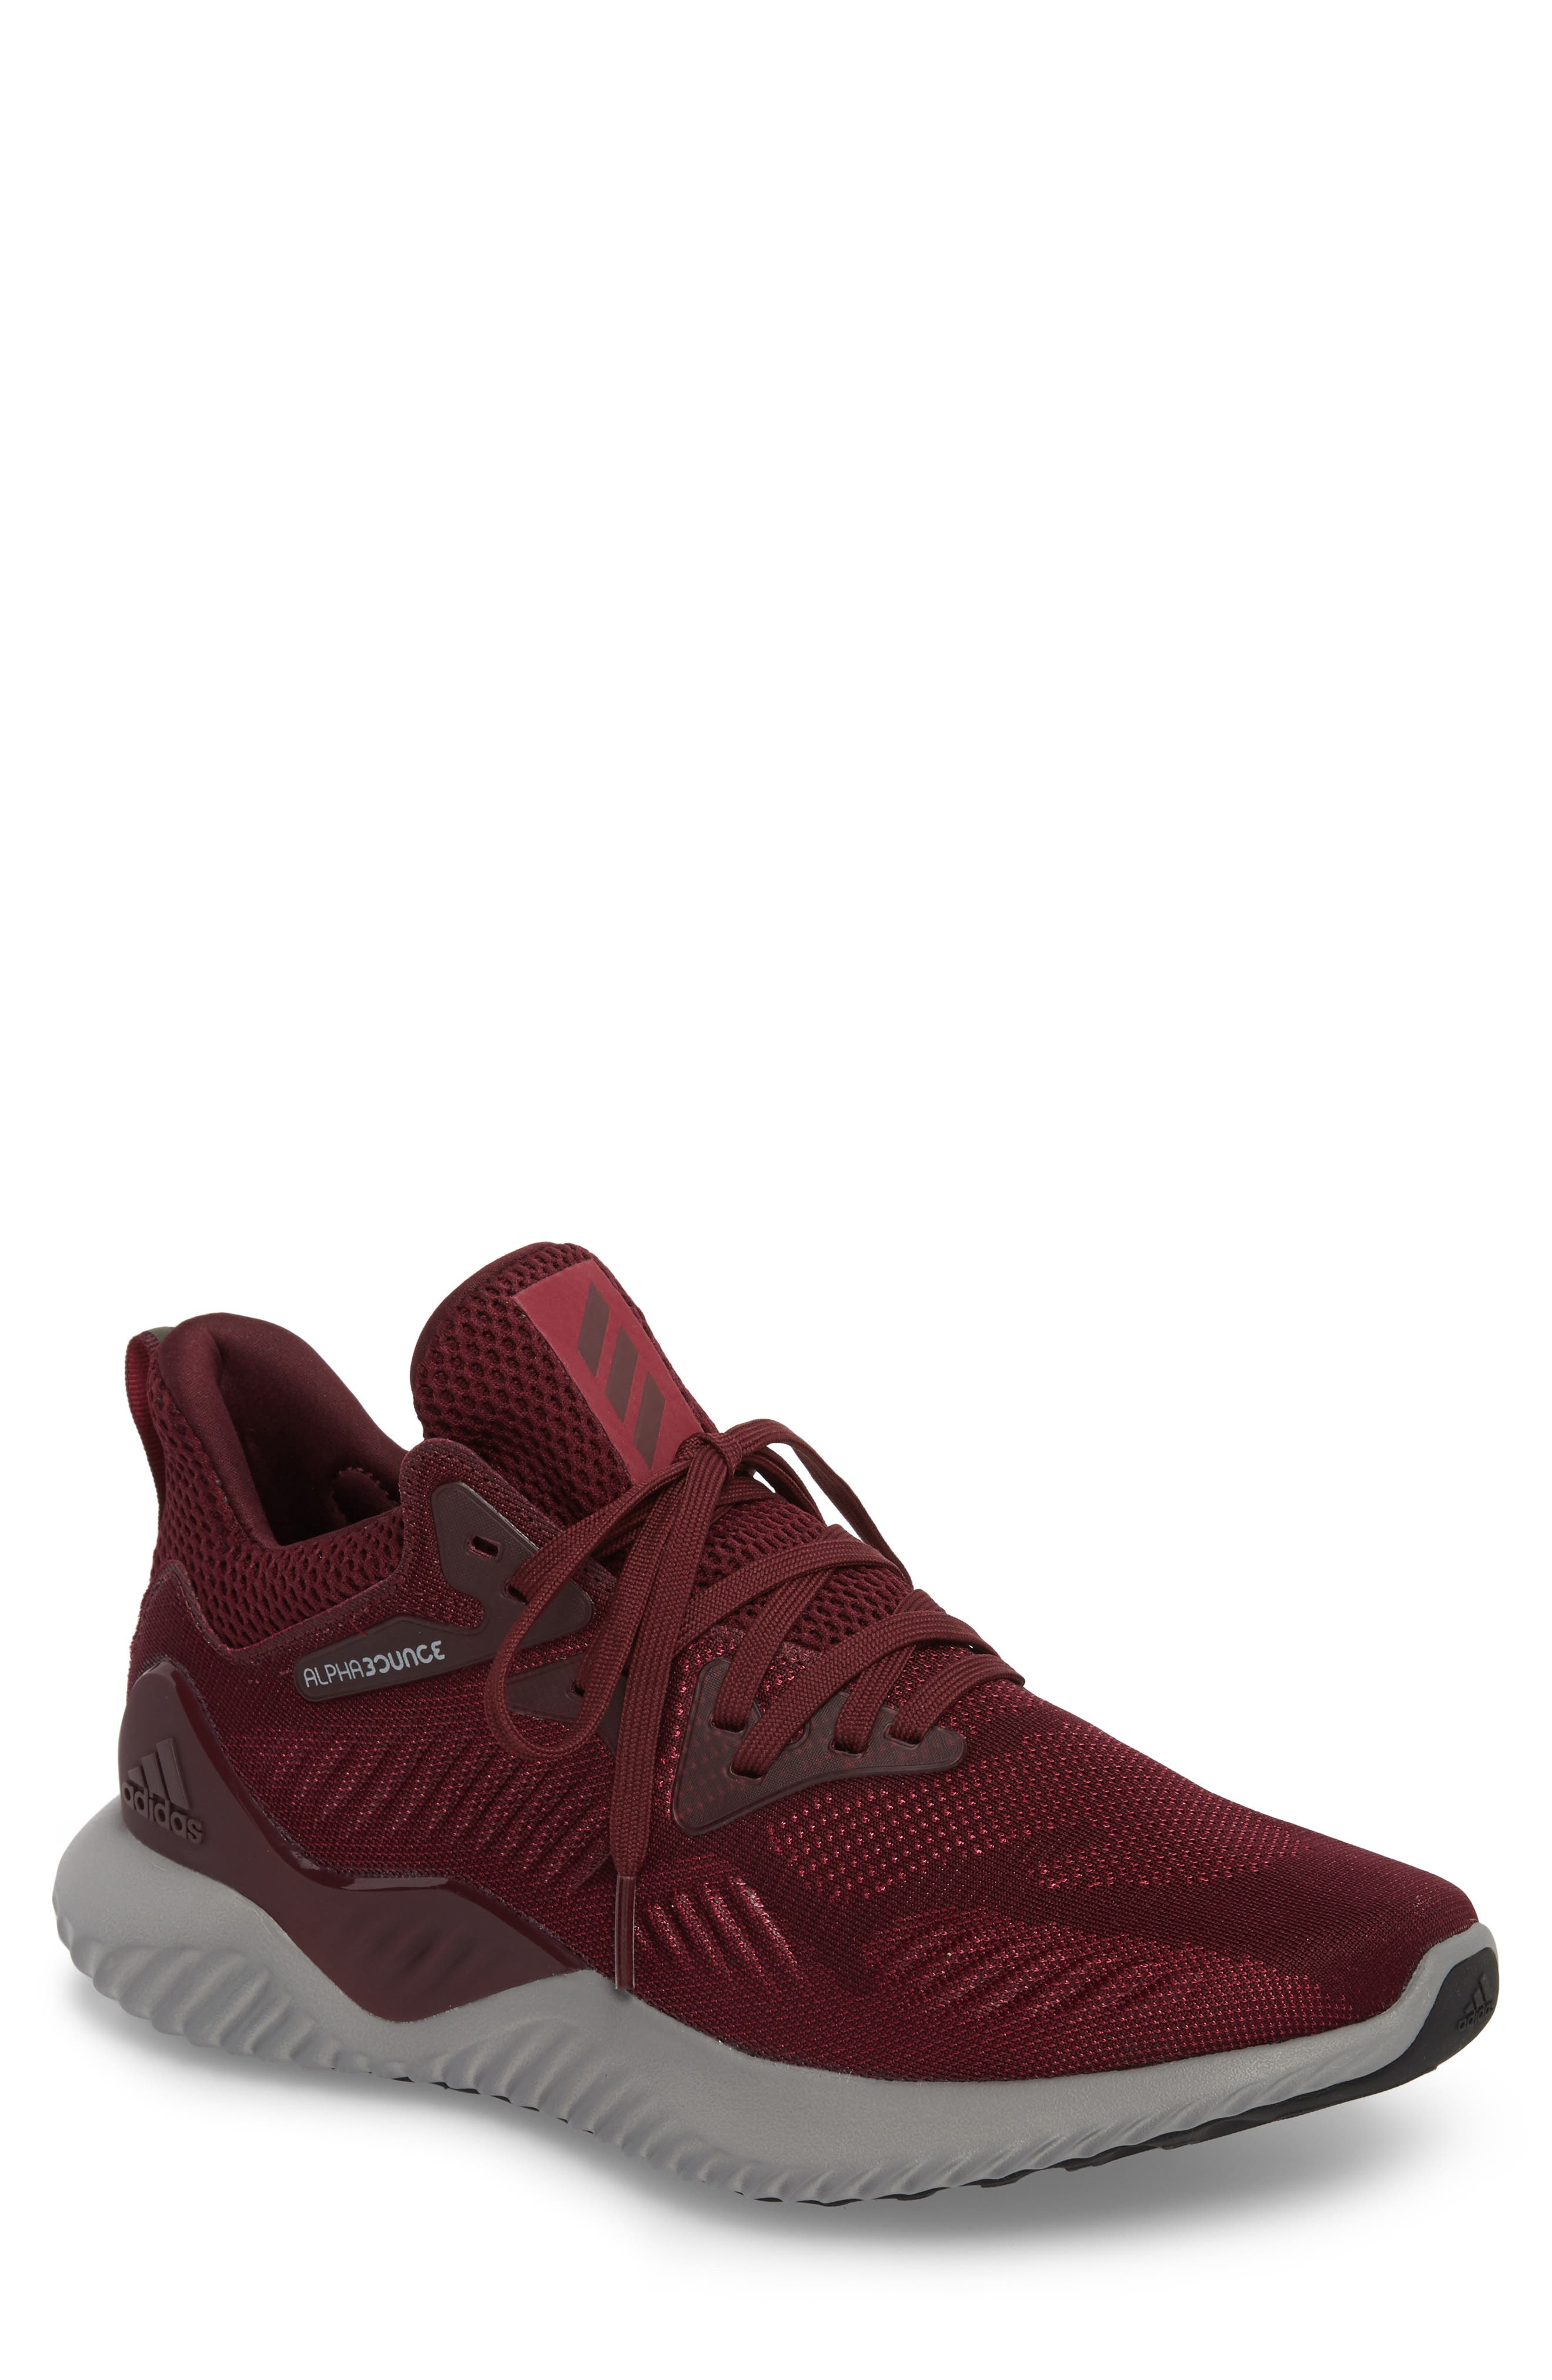 Adidas AlphaBounce Beyond Knit Running Shoe Men